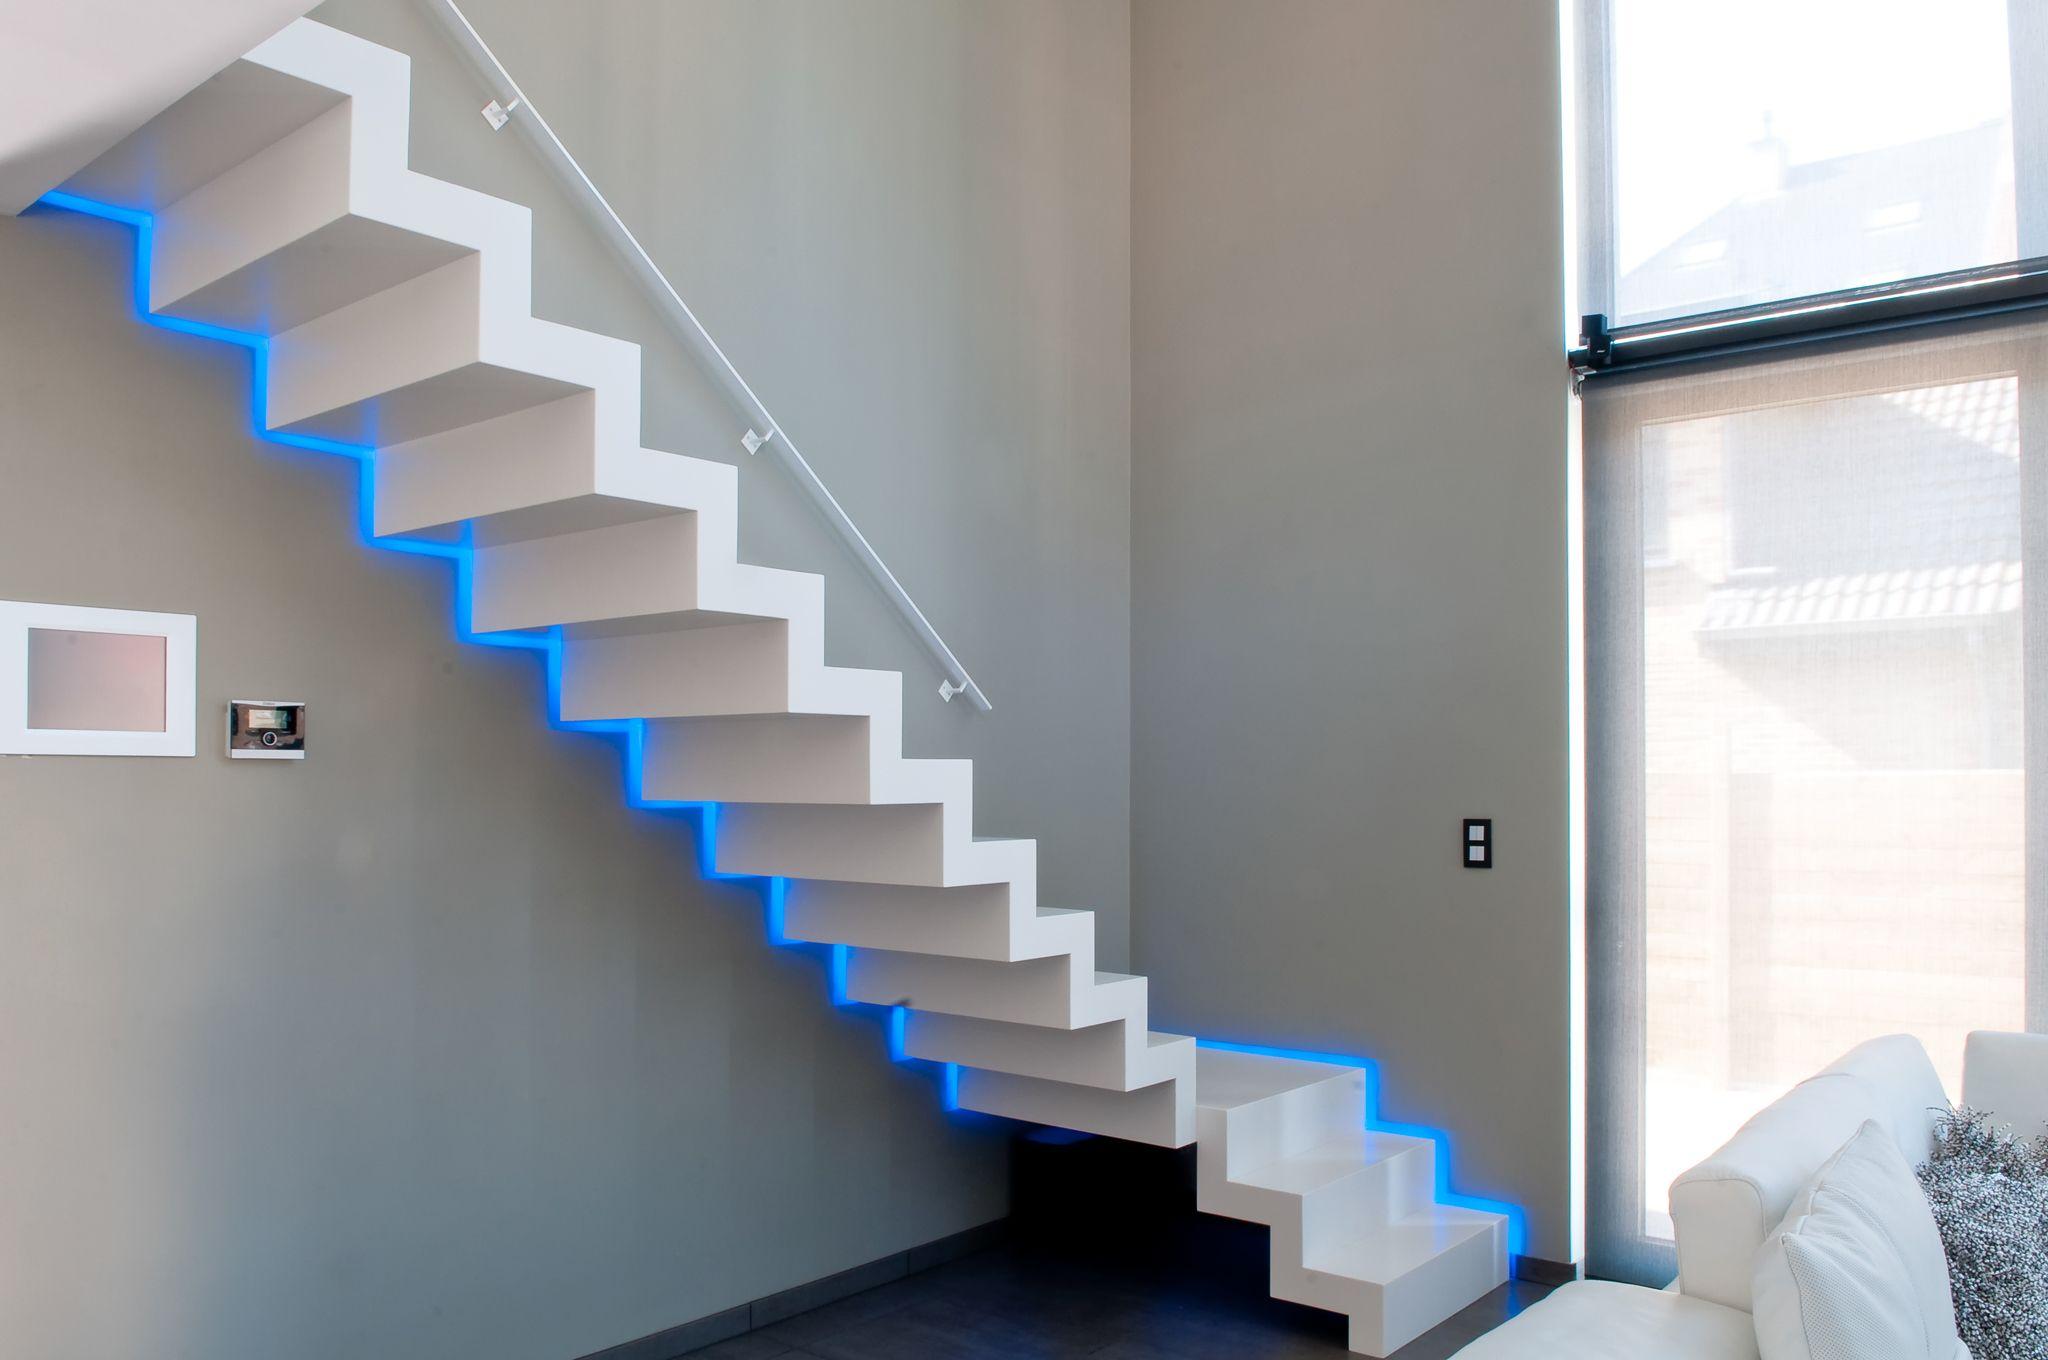 Corian bloktrap met led verlichting langs de muur. | stairs ...